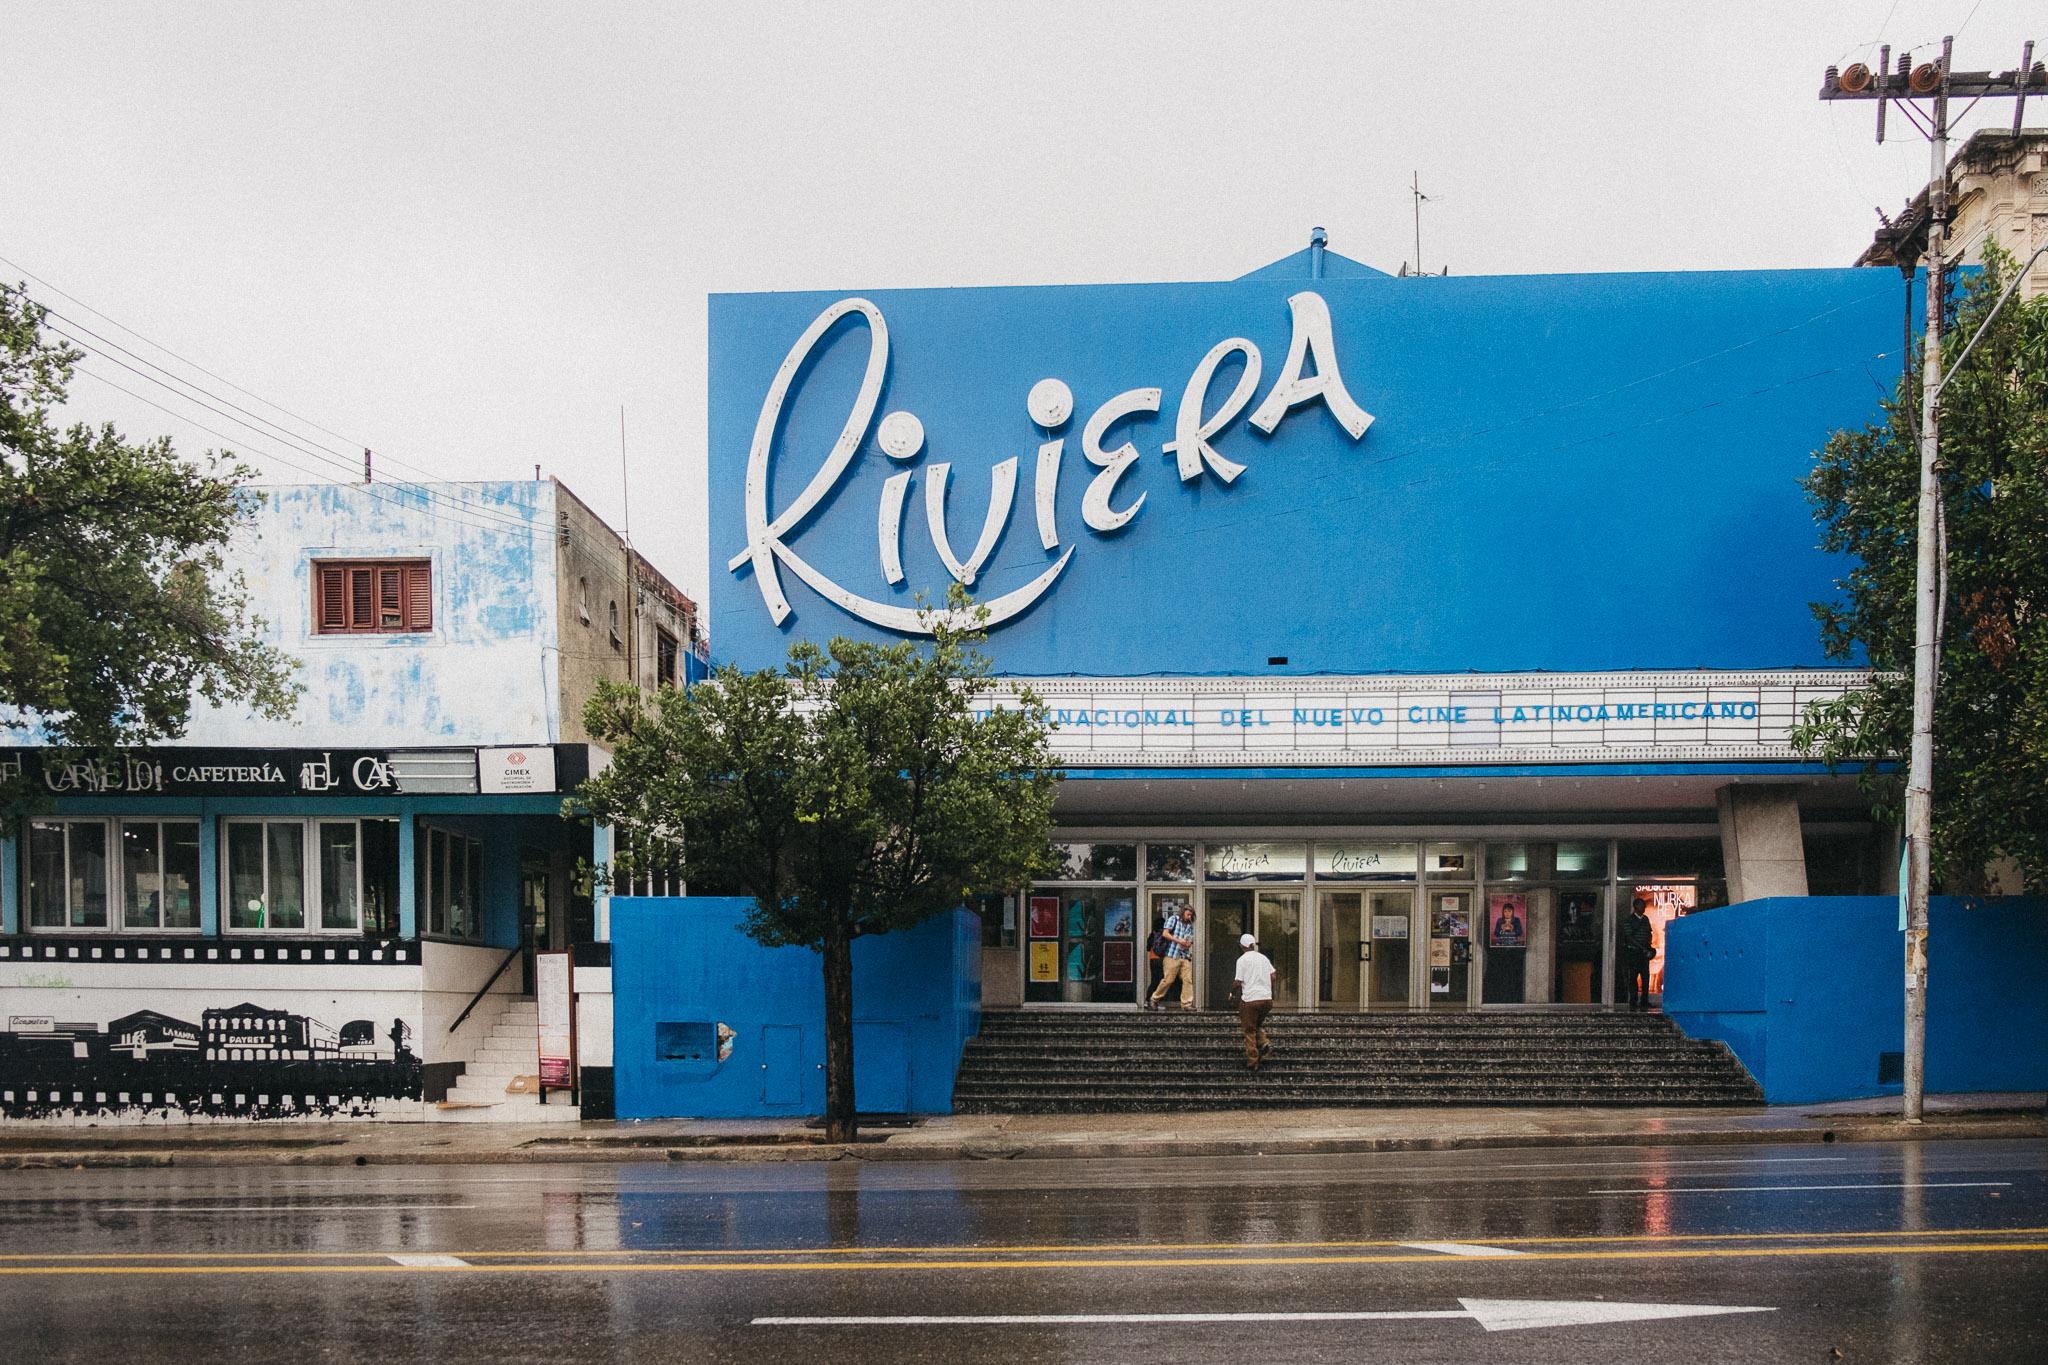 Cuba-2017-12-Havana-0026.jpg